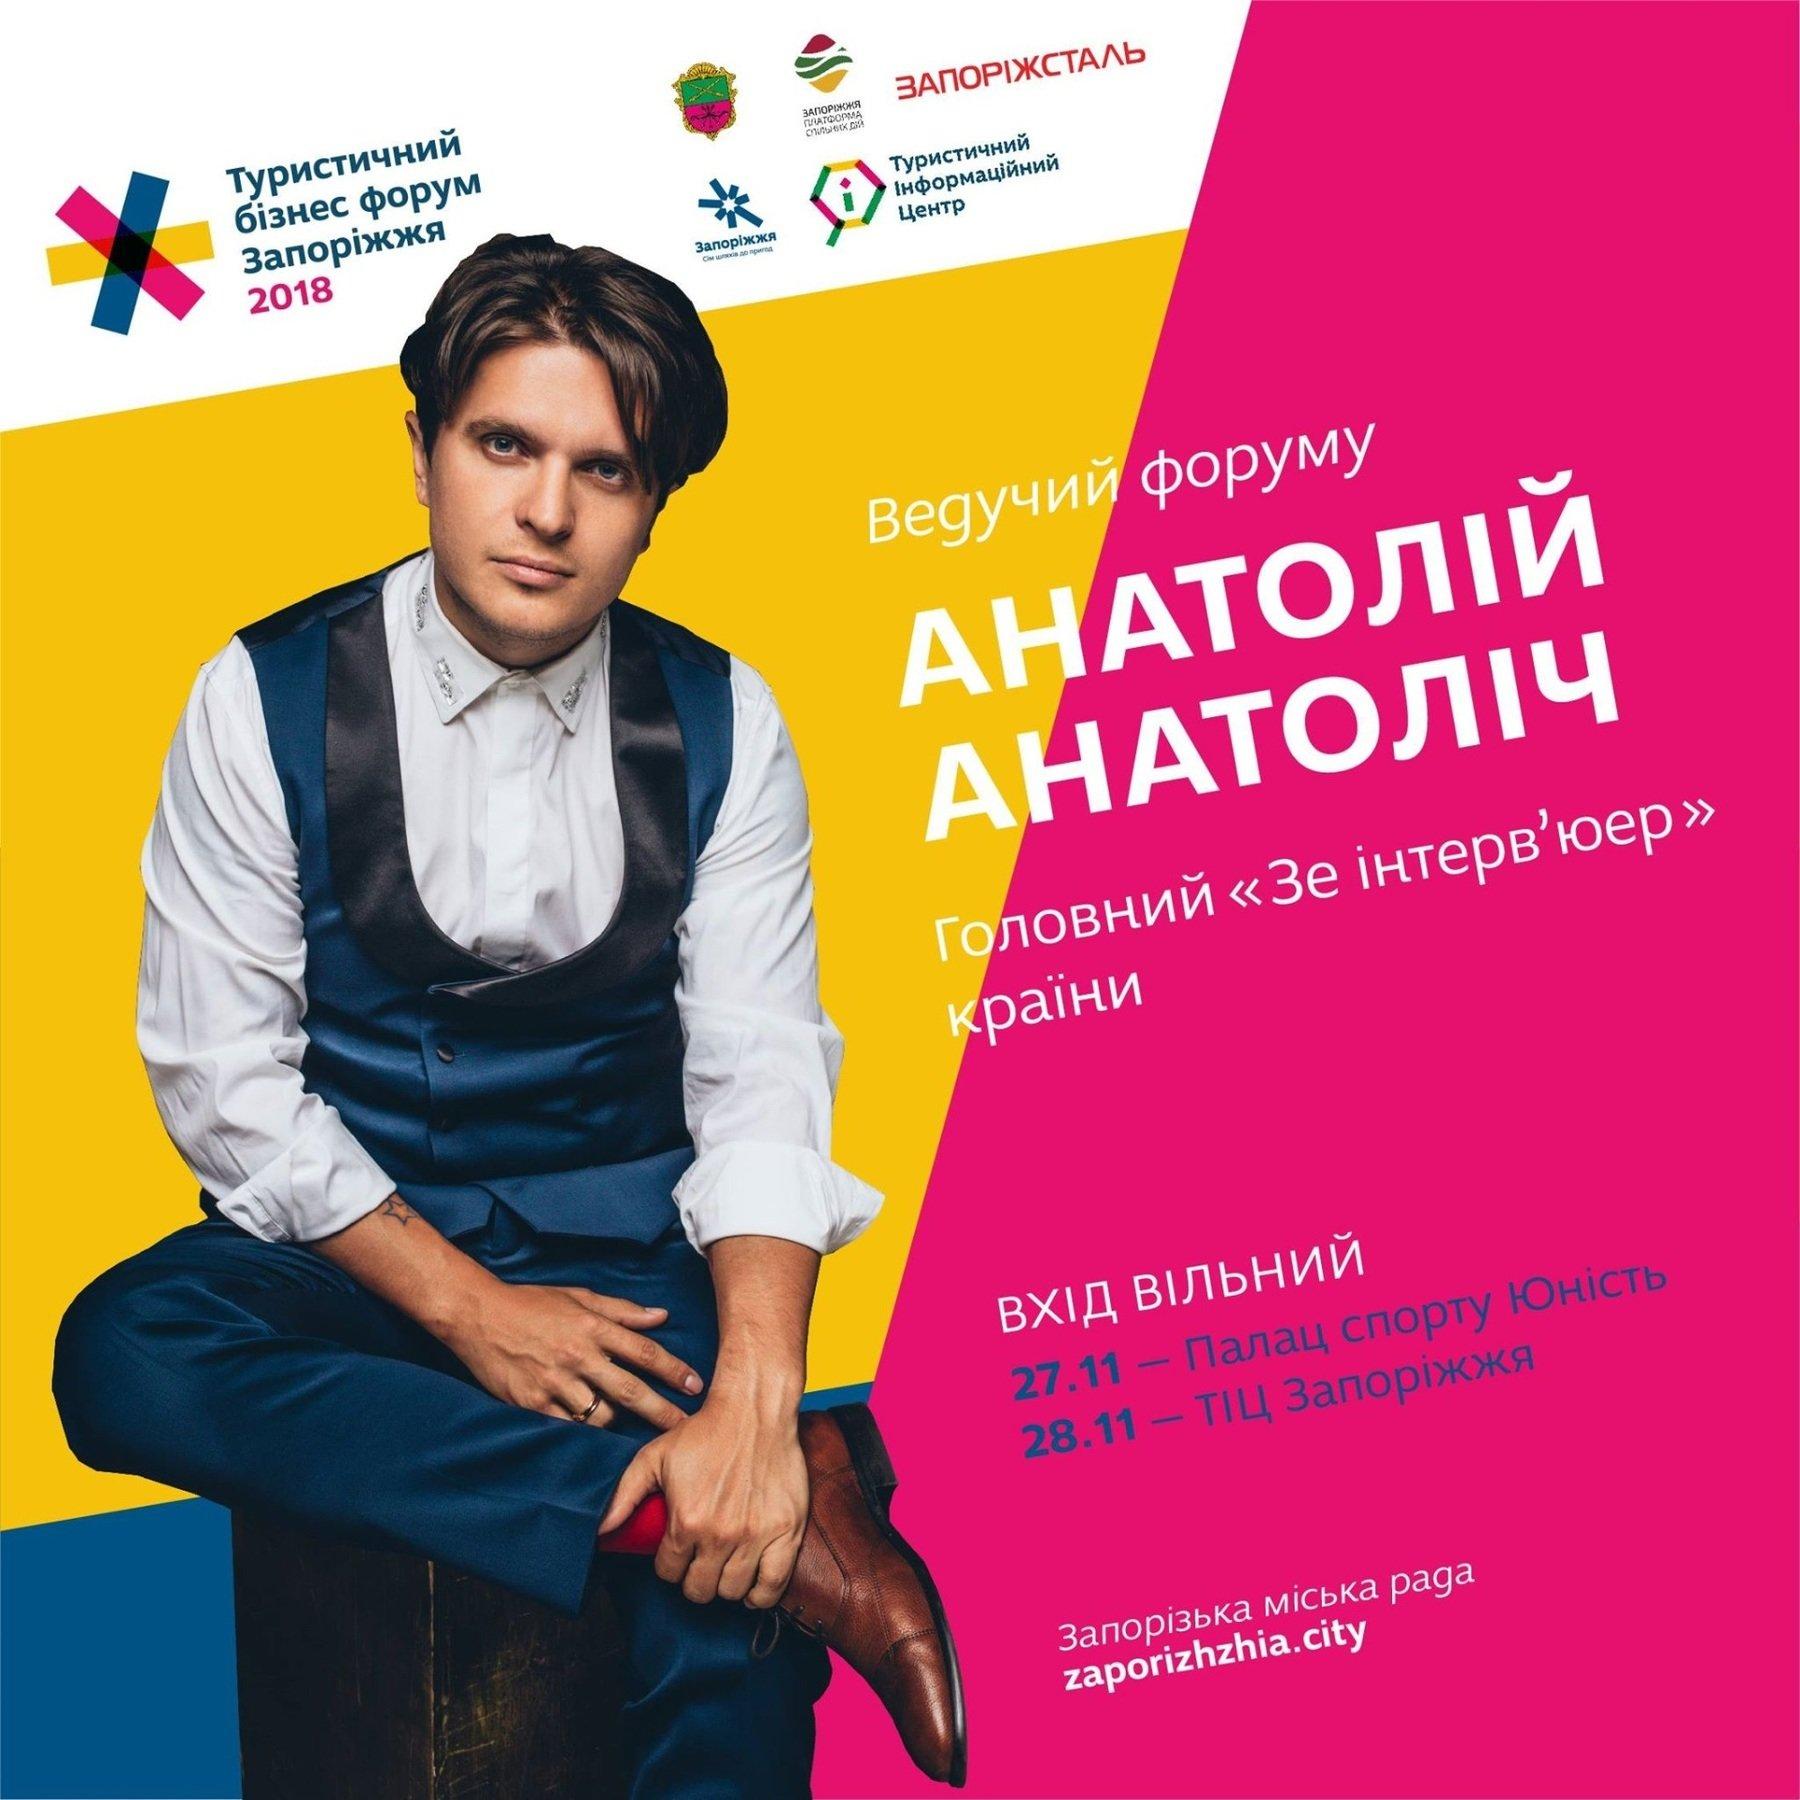 Телезірка Анатолій Анатоліч стане ведучим другого Туристичного бізнес-форуму у Запоріжжі